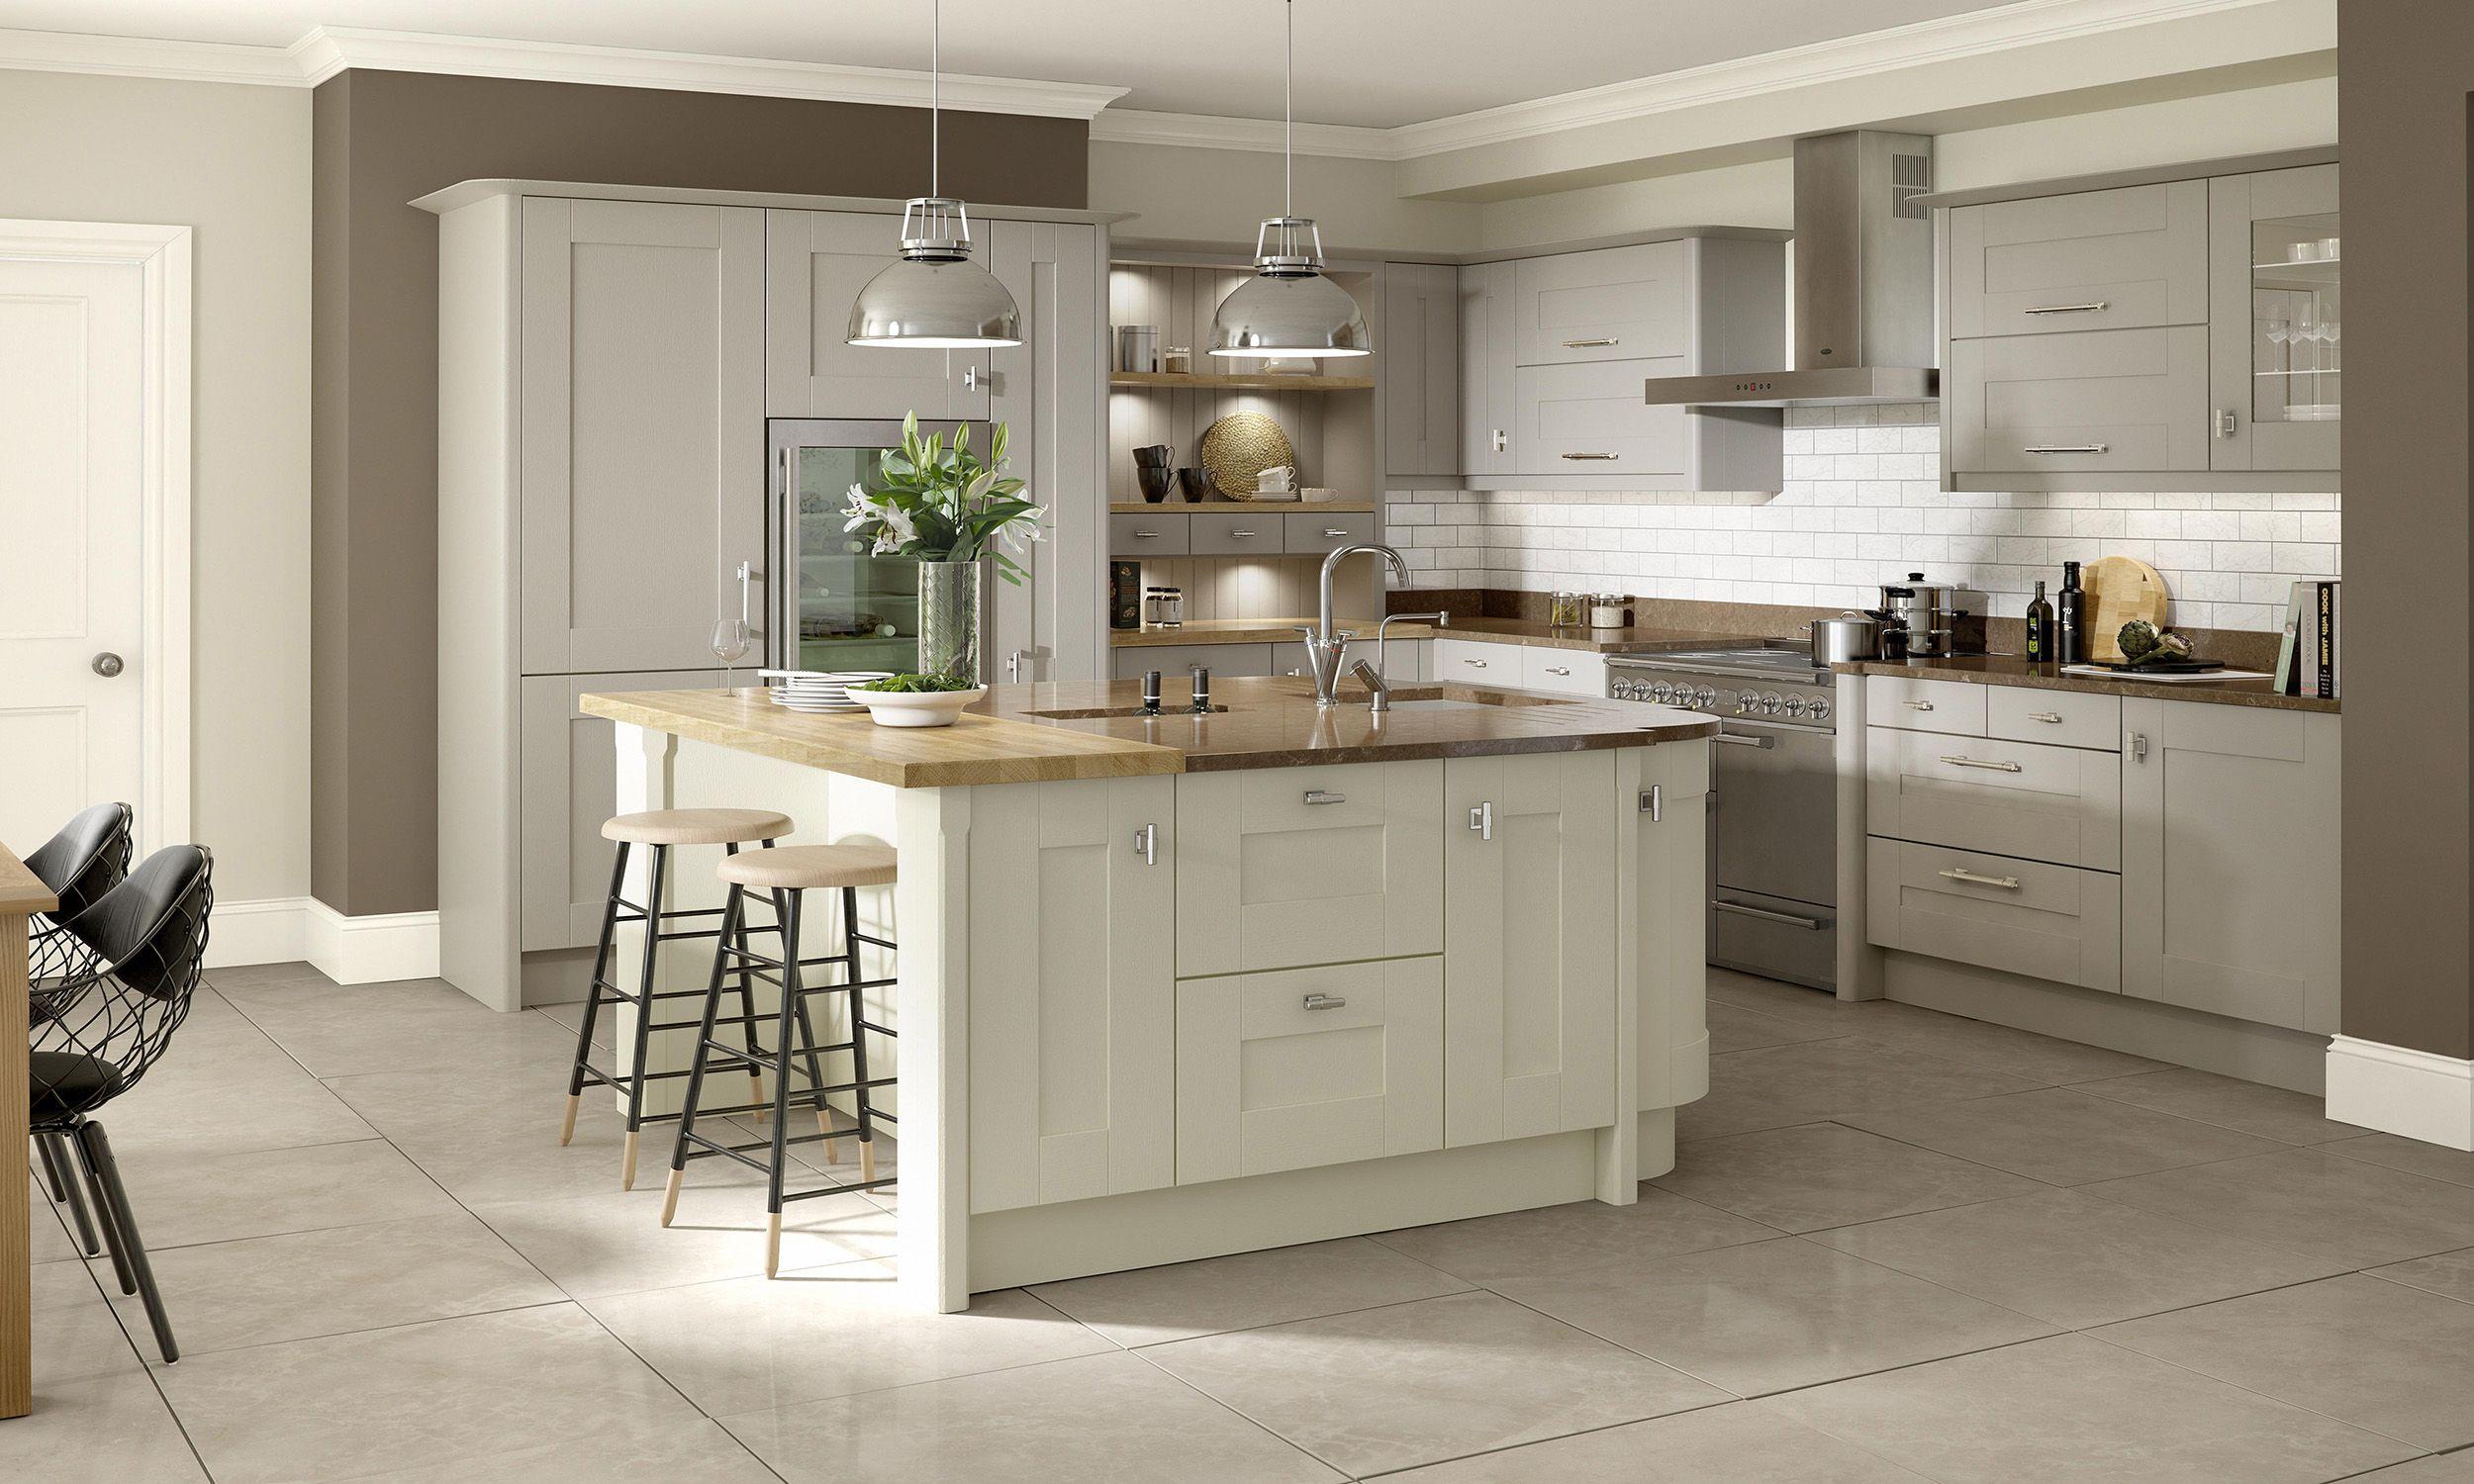 Broadoak Kitchen Kitchen fittings, Kitchen design